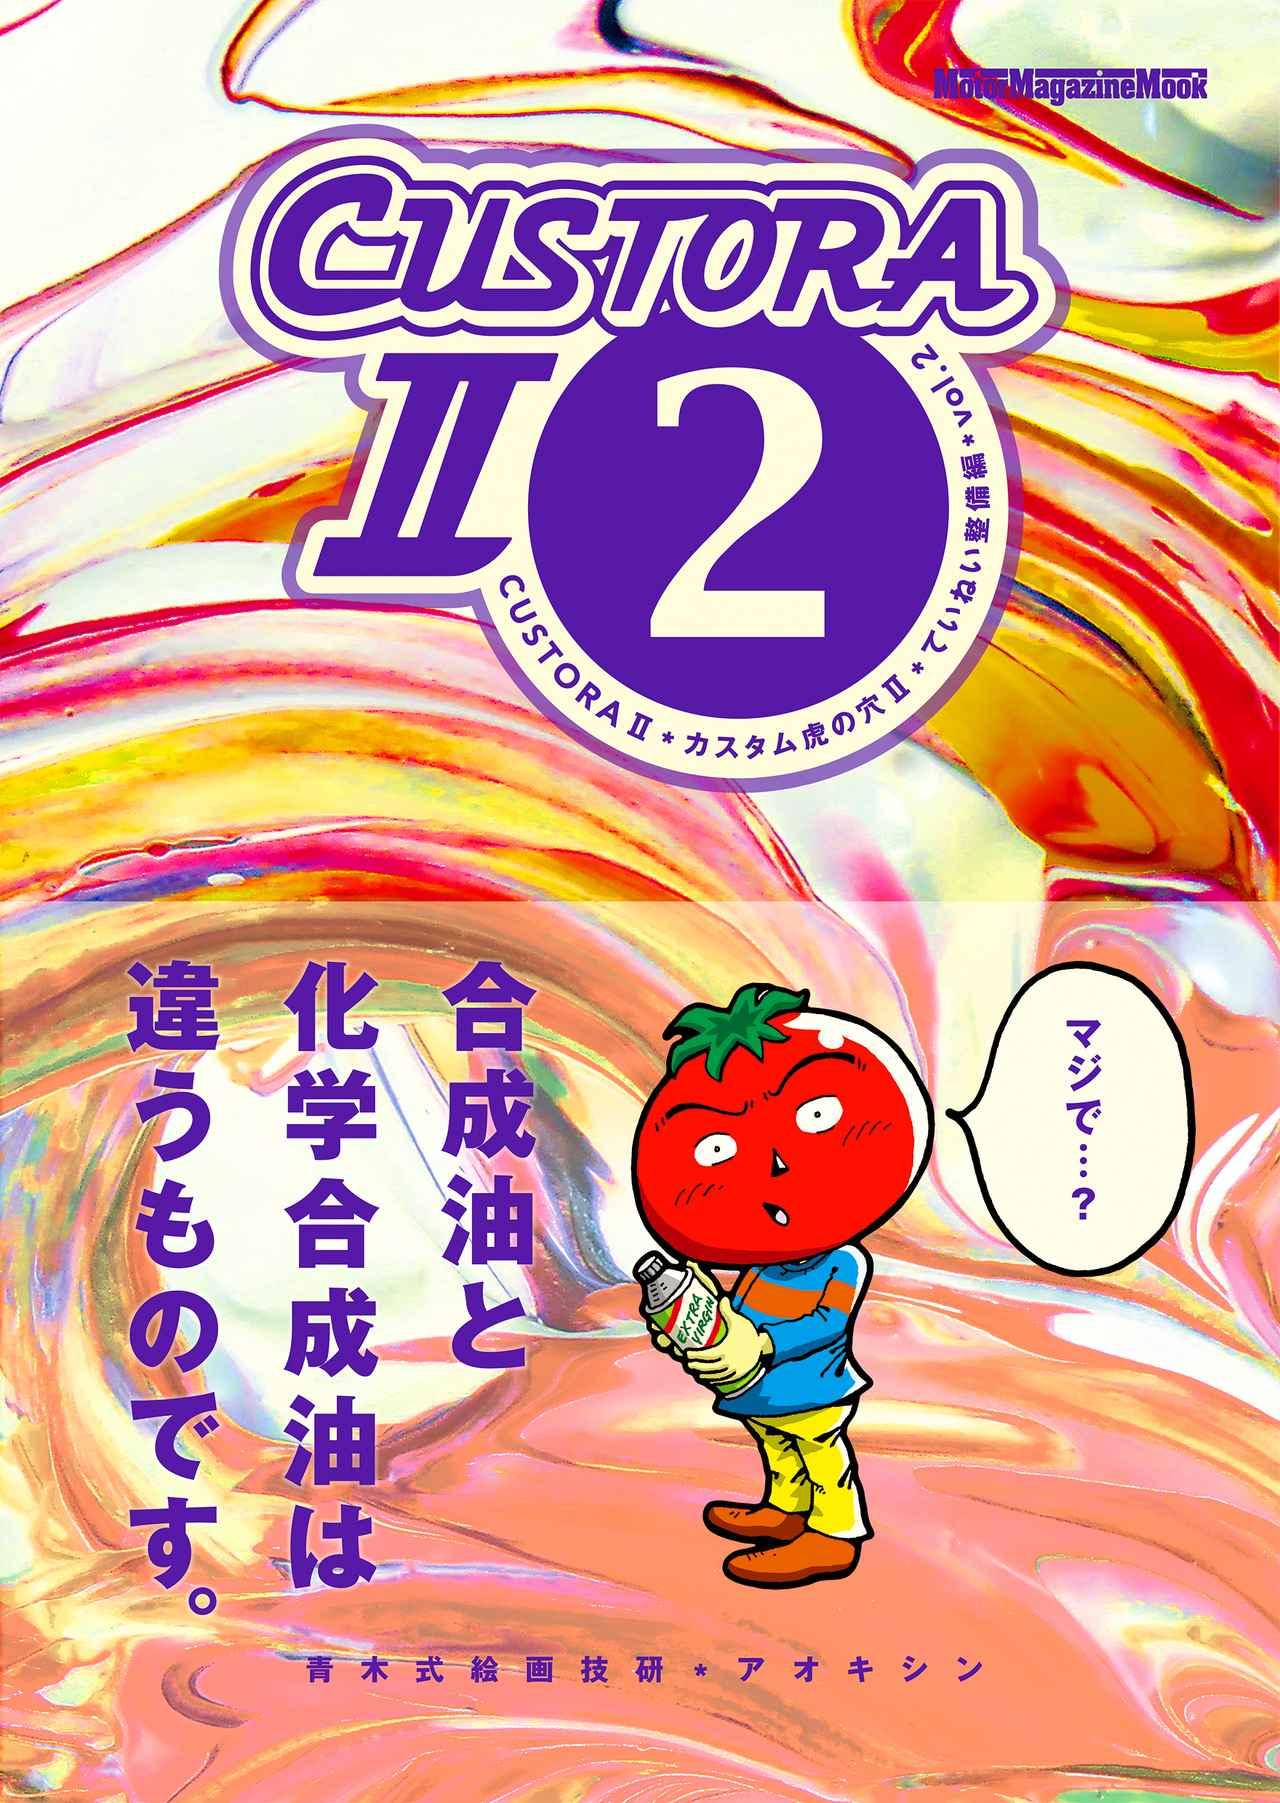 画像: 新刊『カスタム虎の穴Ⅱ*ていねい整備編*vol.2』の表紙がコチラ! 価格は1093円+税!